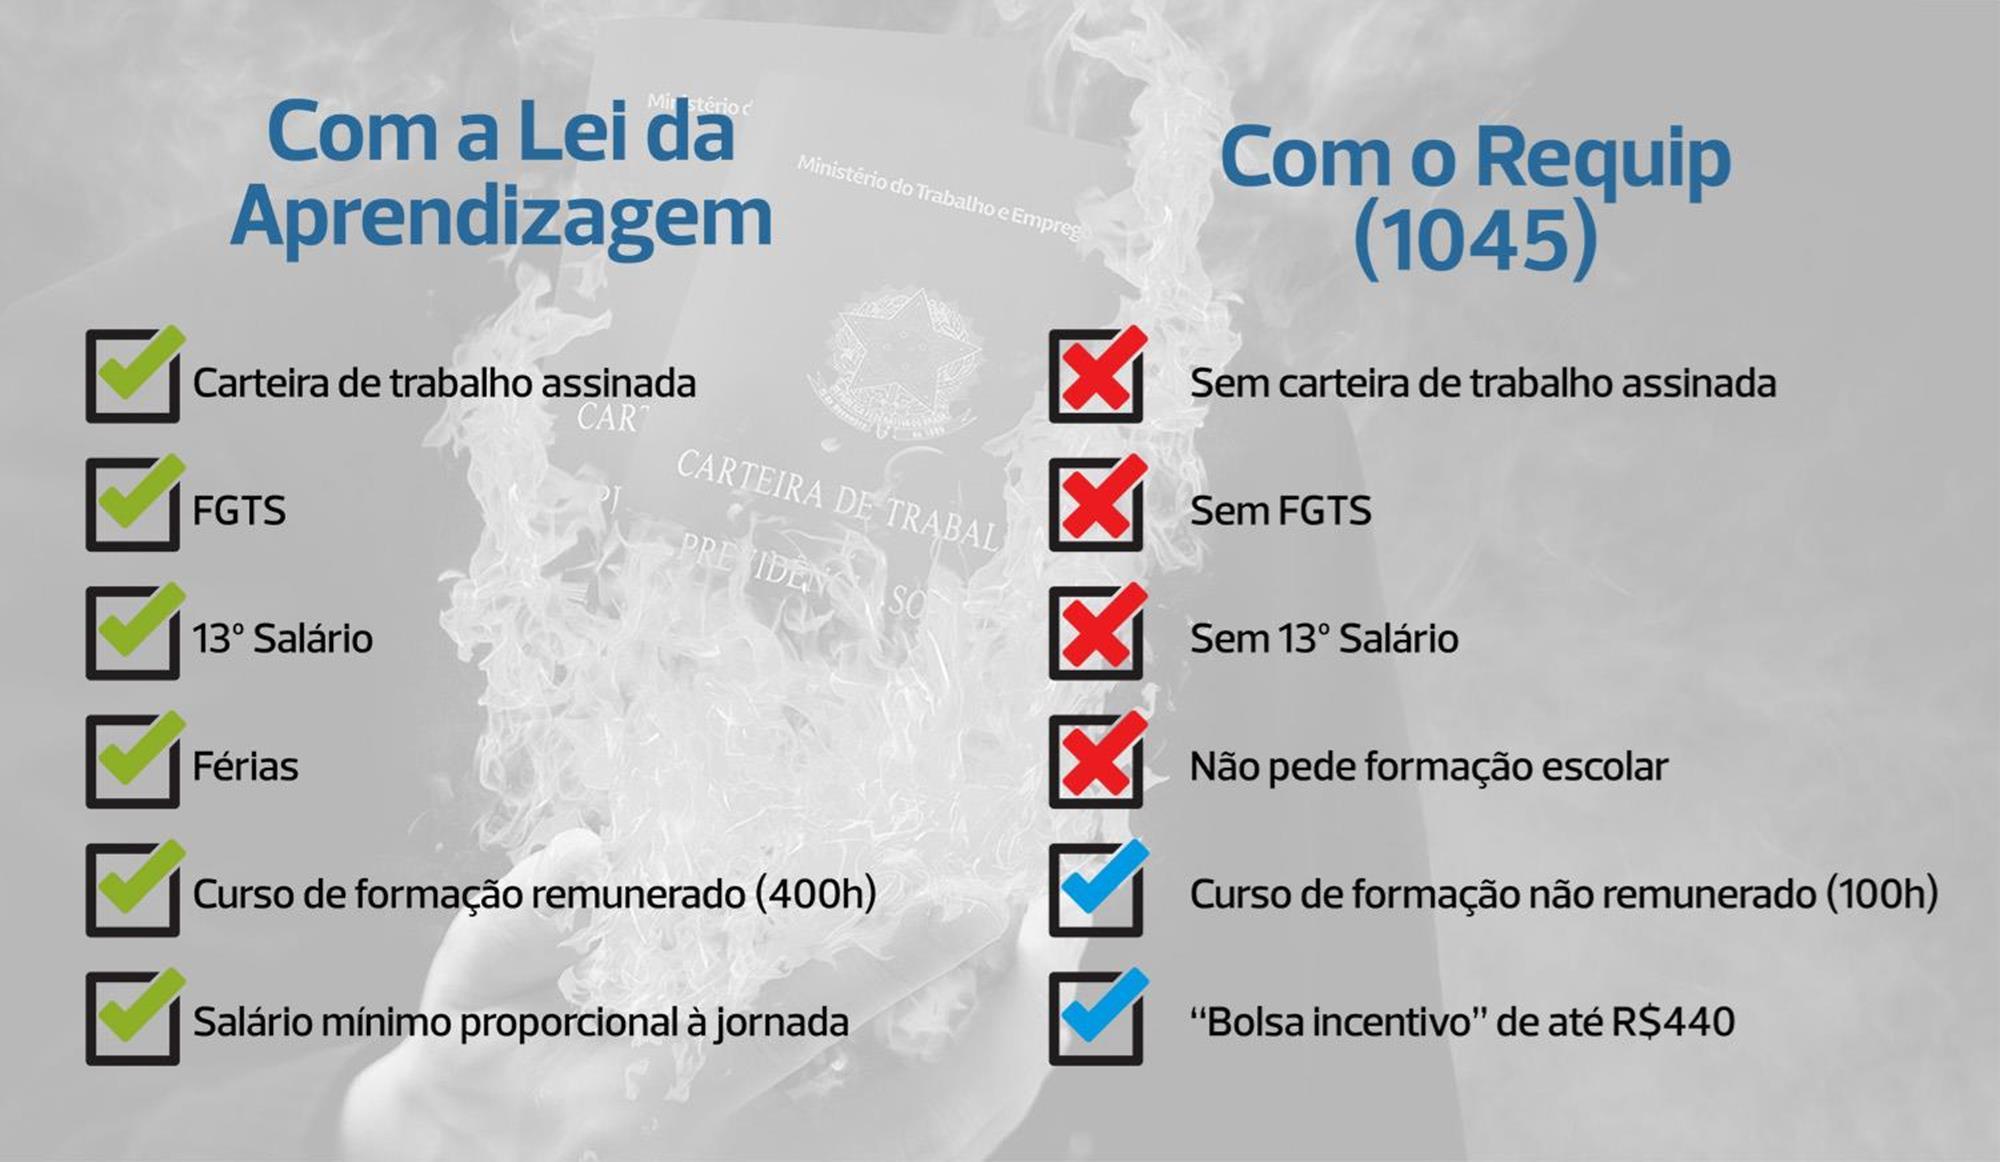 ##bitch, carolzinha, 2021, imprensa, Cássio Freire